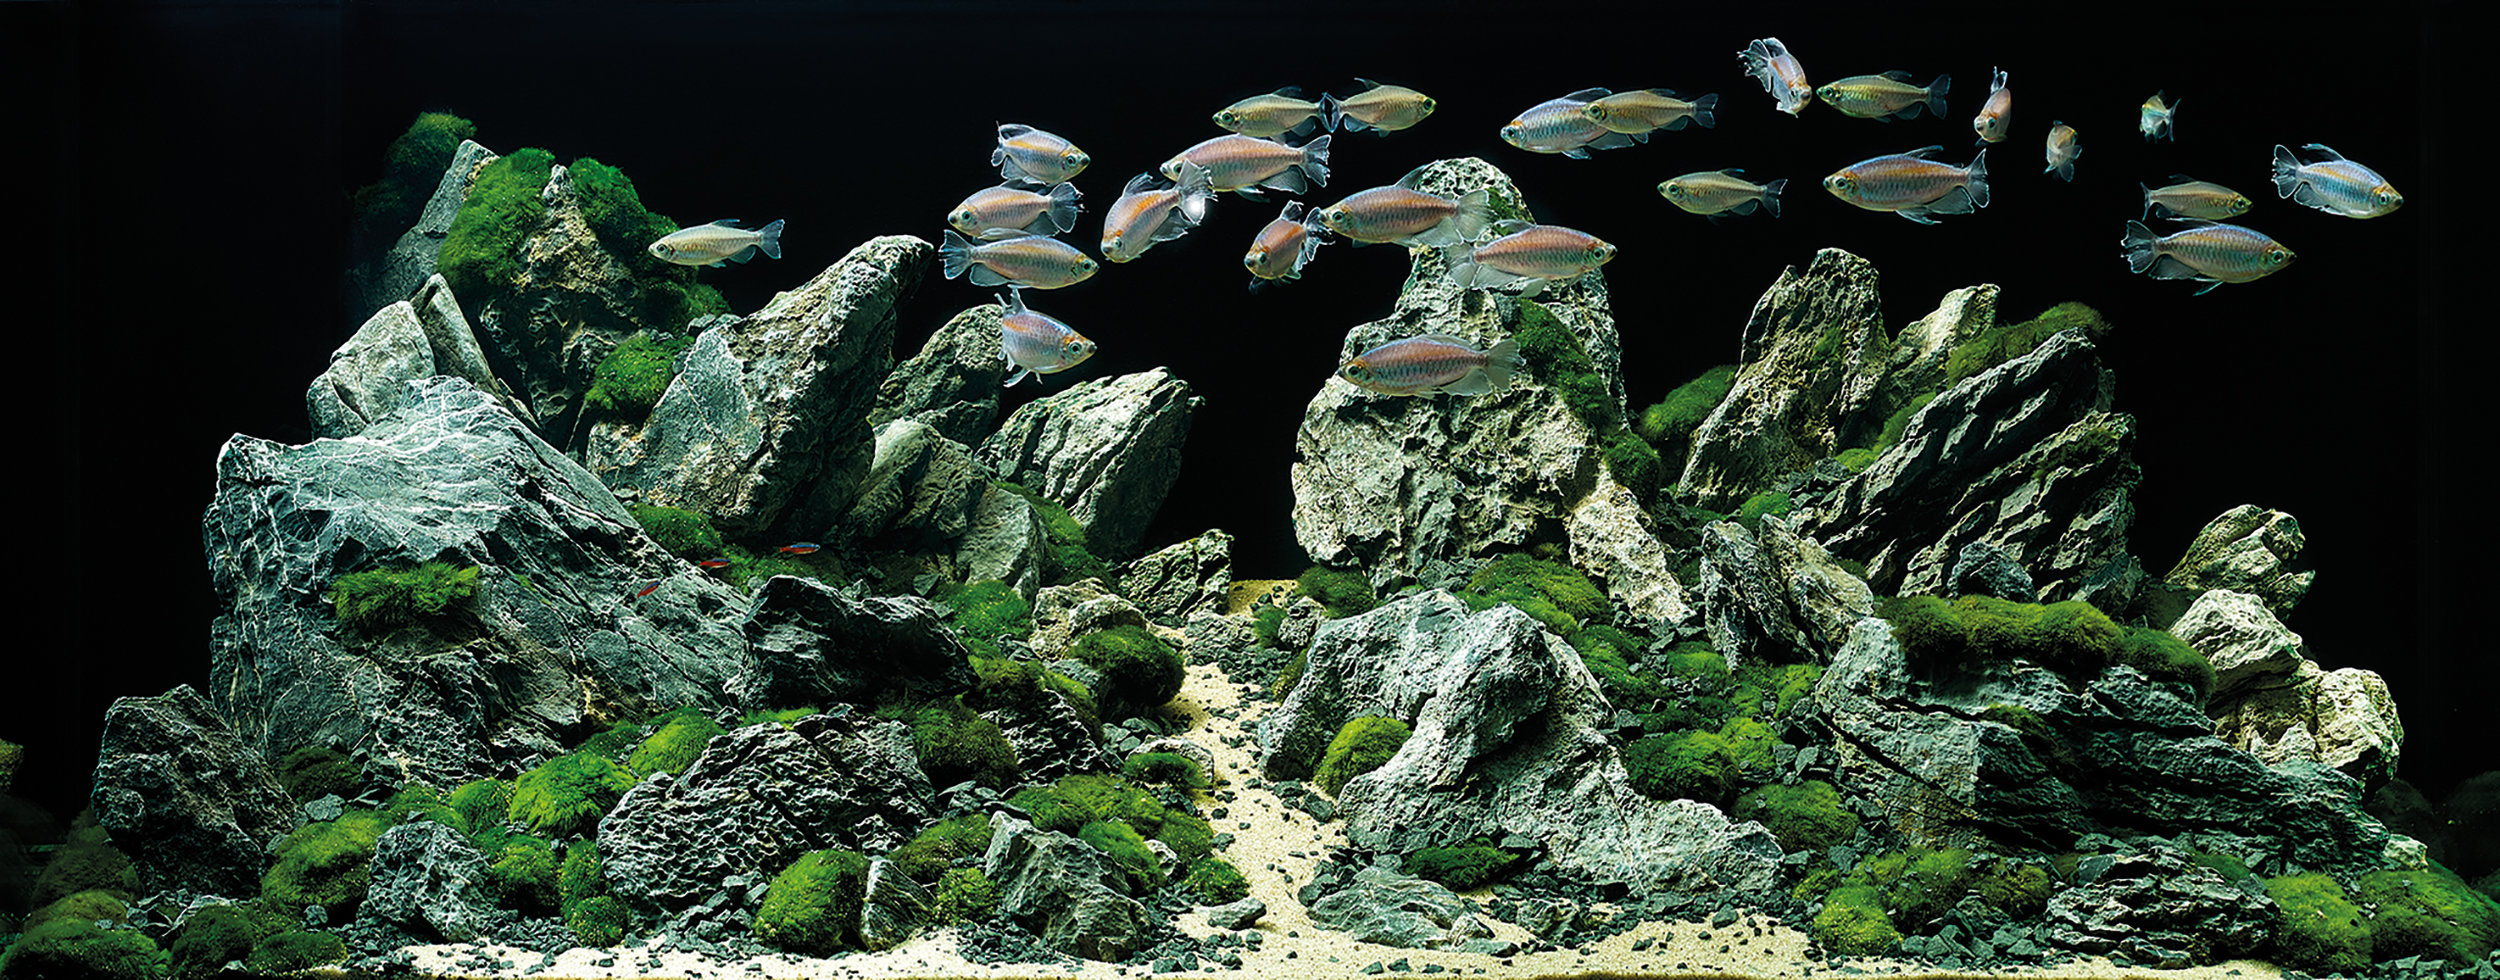 Plants pictured:  Cladophora aegagropila   Fish pictured:  Cardinal tetra (Paracheirodon axelrodi) Congo tetra (Phenacogrammus interruptus) Diamond tetra (Moenkhausia pittieri)